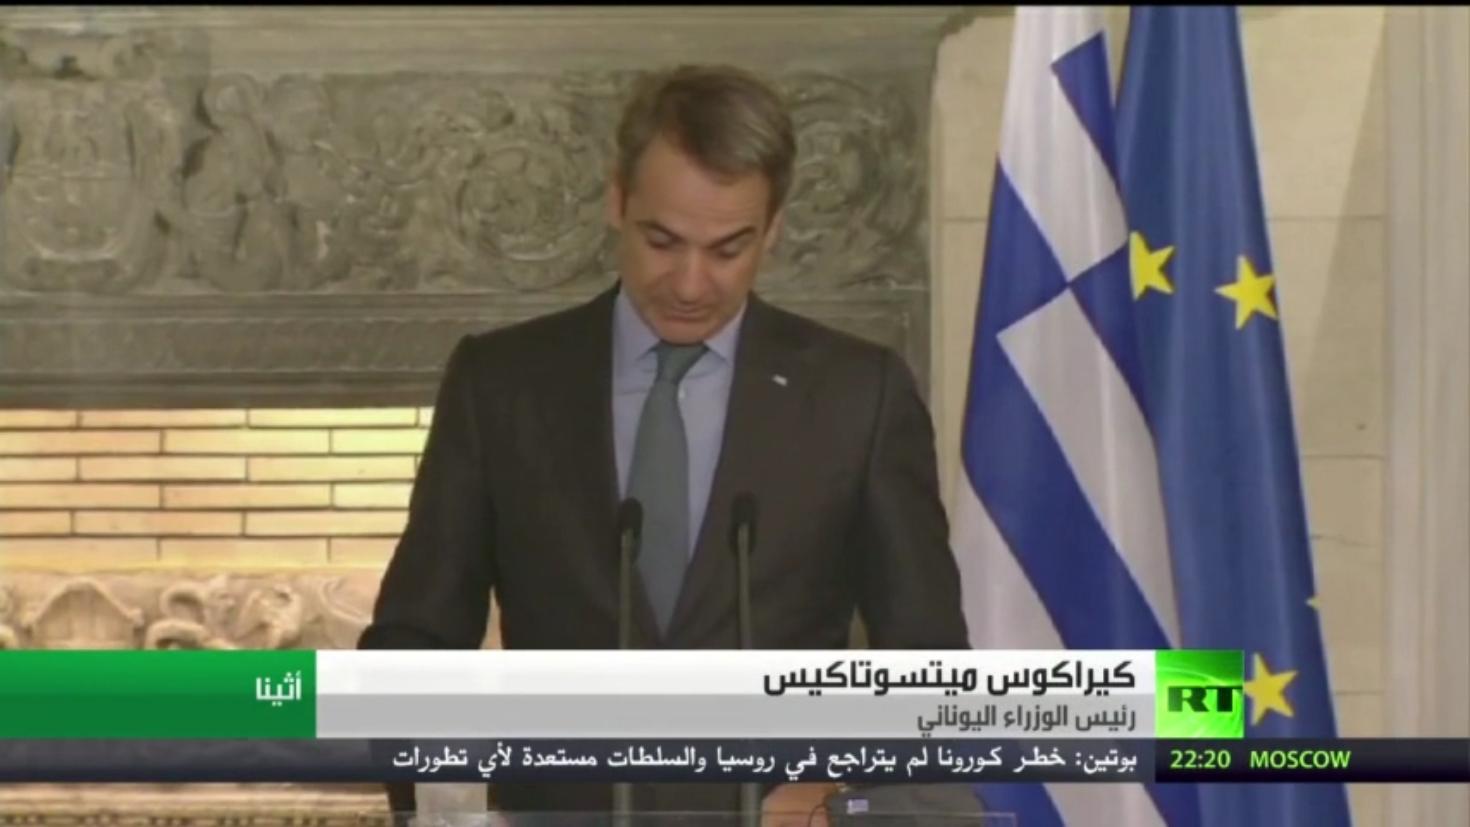 أثينا: نعول على الناتو لتجنب الحوادث